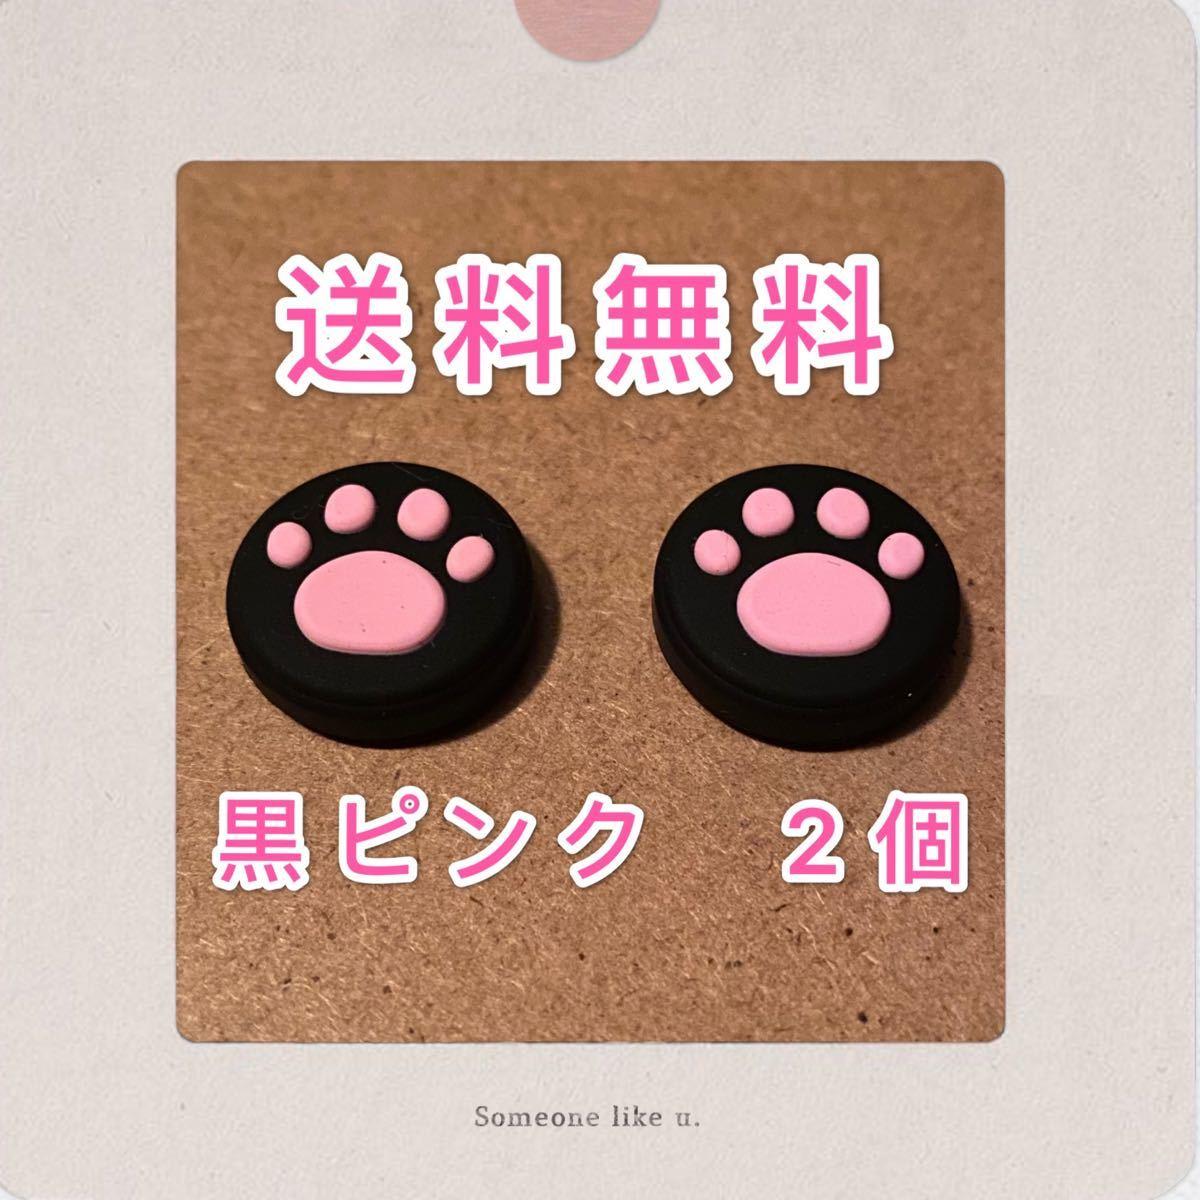 スイッチ 肉球 猫 ジョイコンスティックカバー 黒ピンク2個